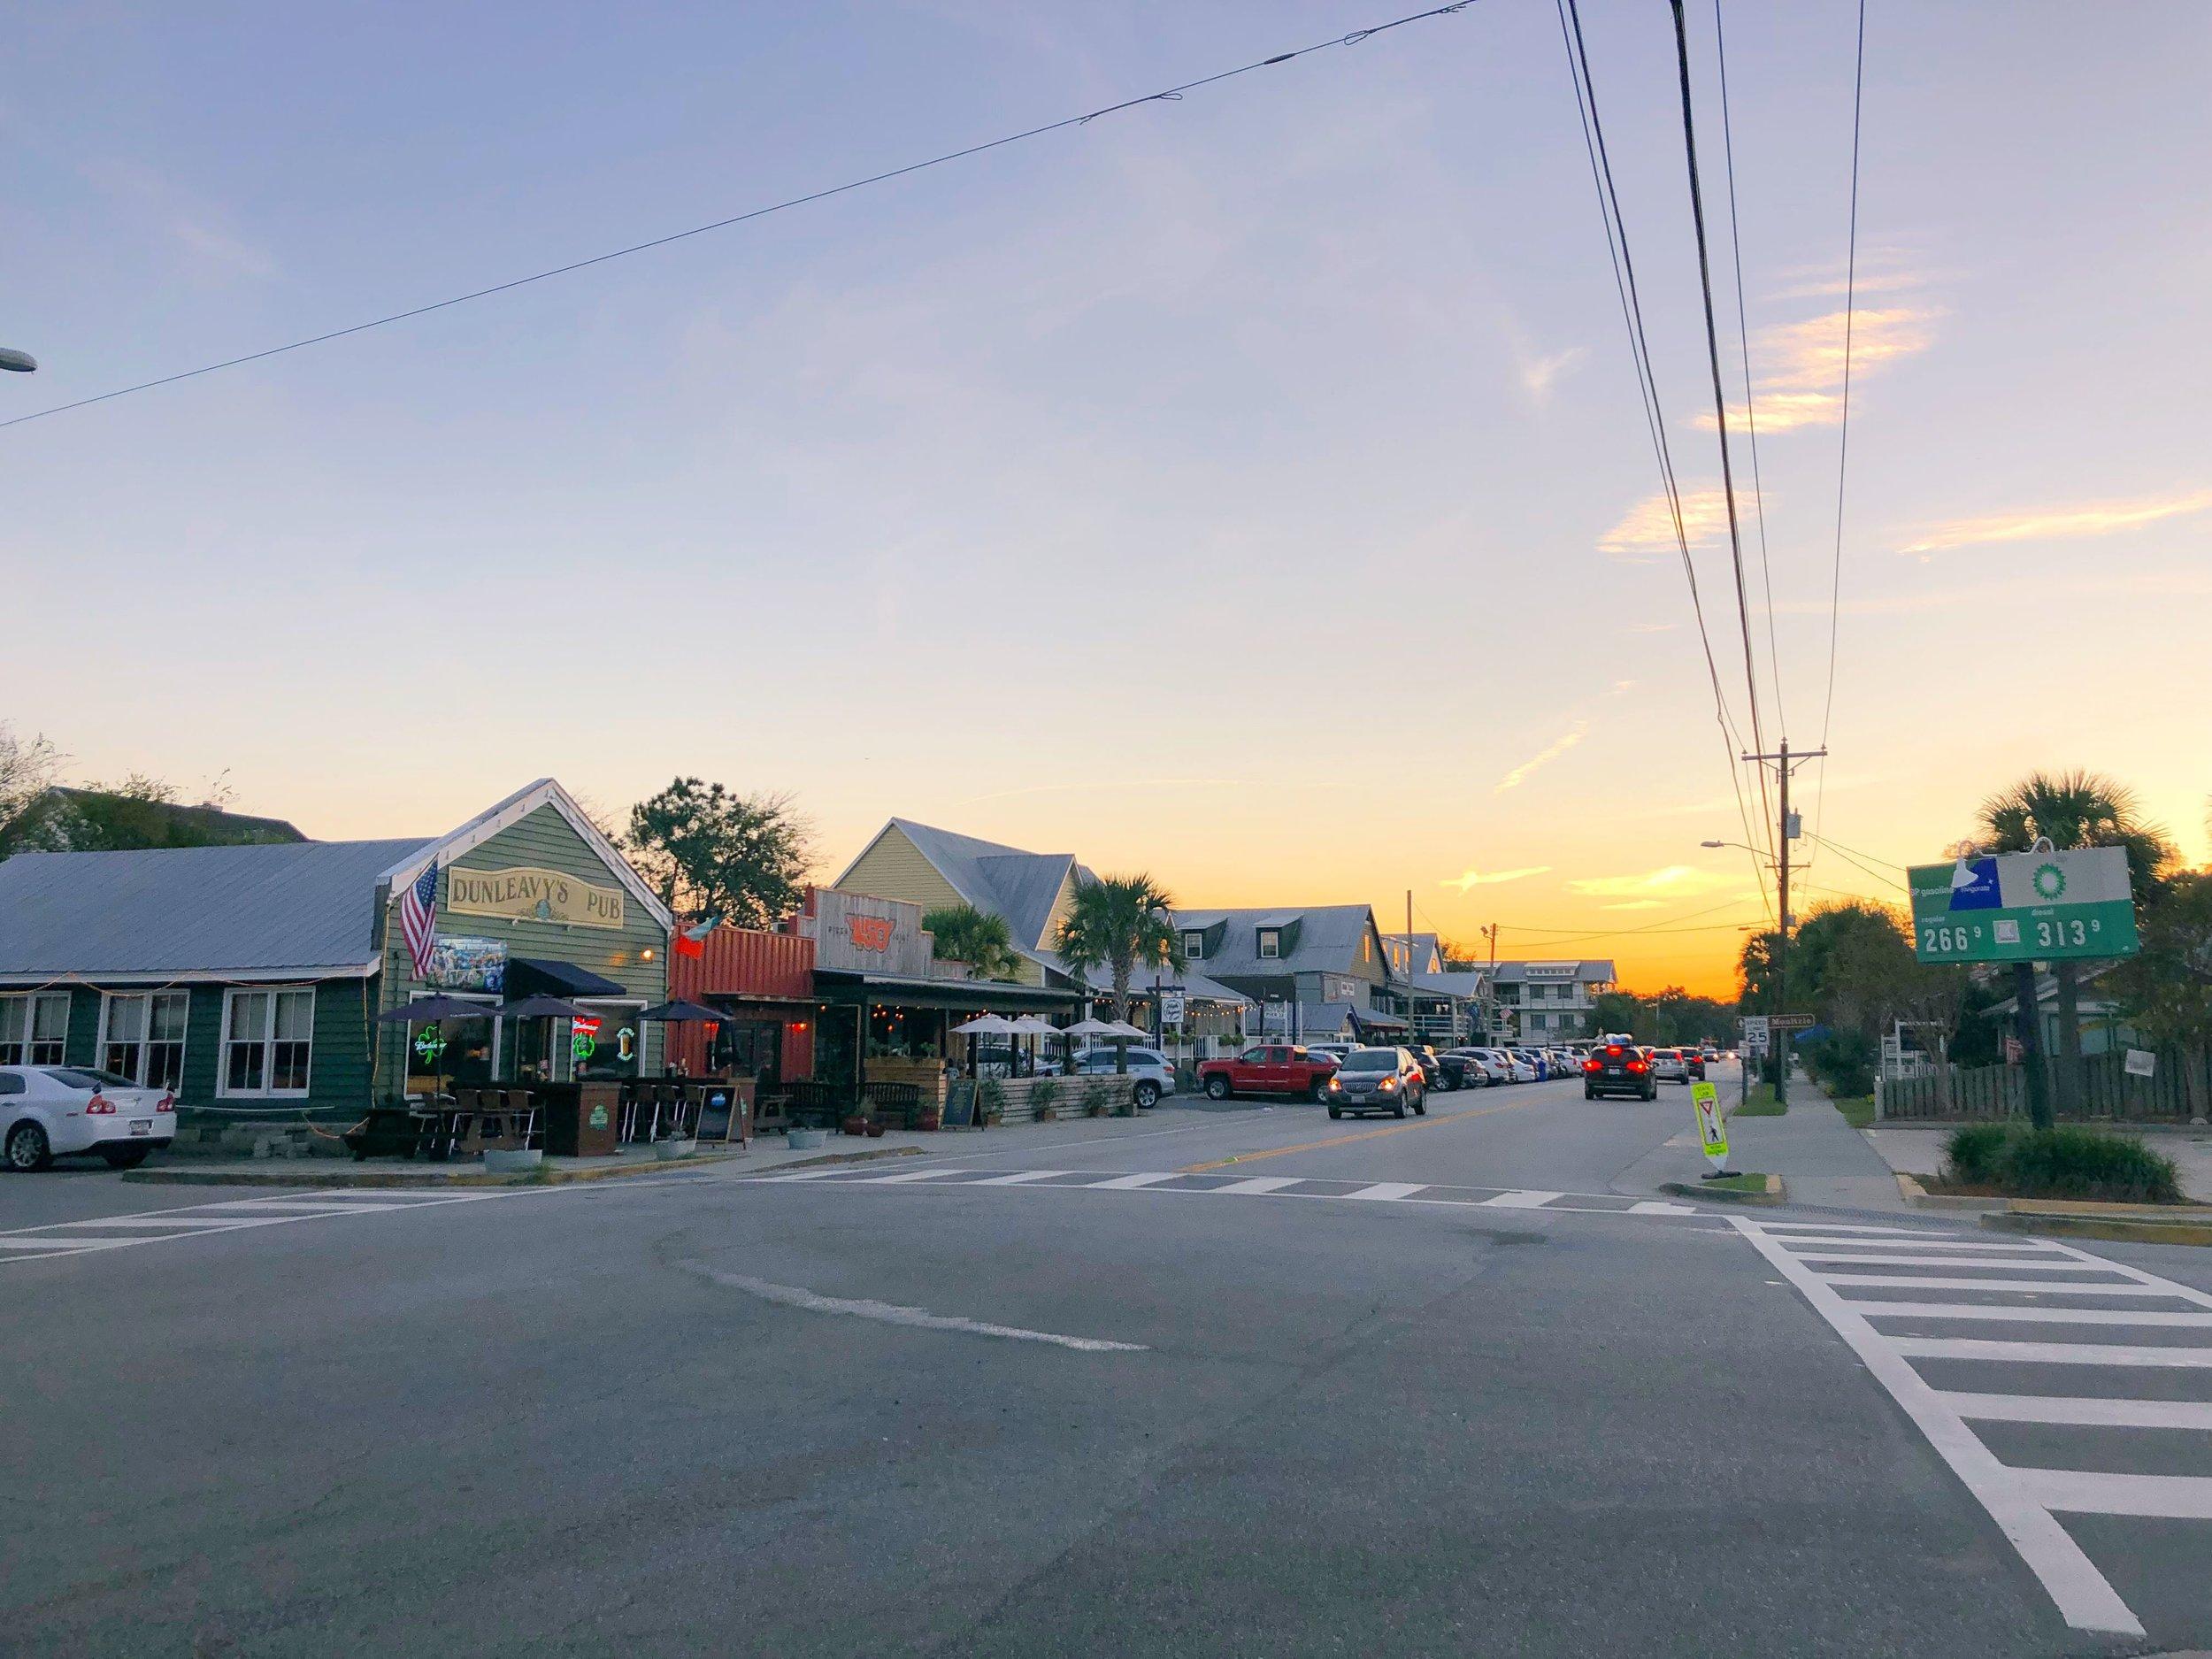 Middle Street on Sullivan's Island